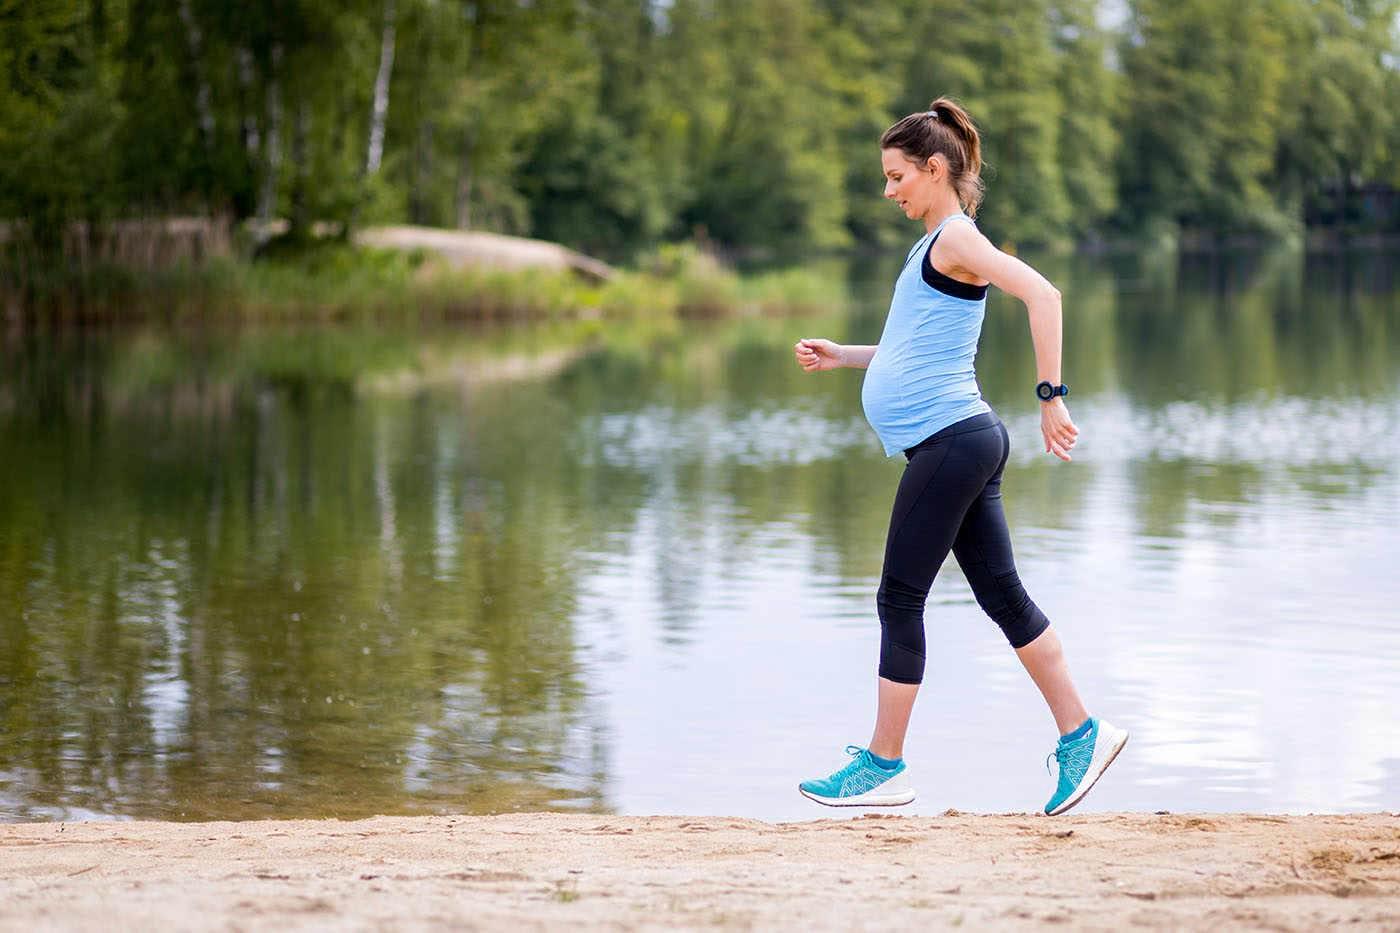 Vitamina D și sportul în sarcină, utile pentru sănătatea metabolică a viitorului copil